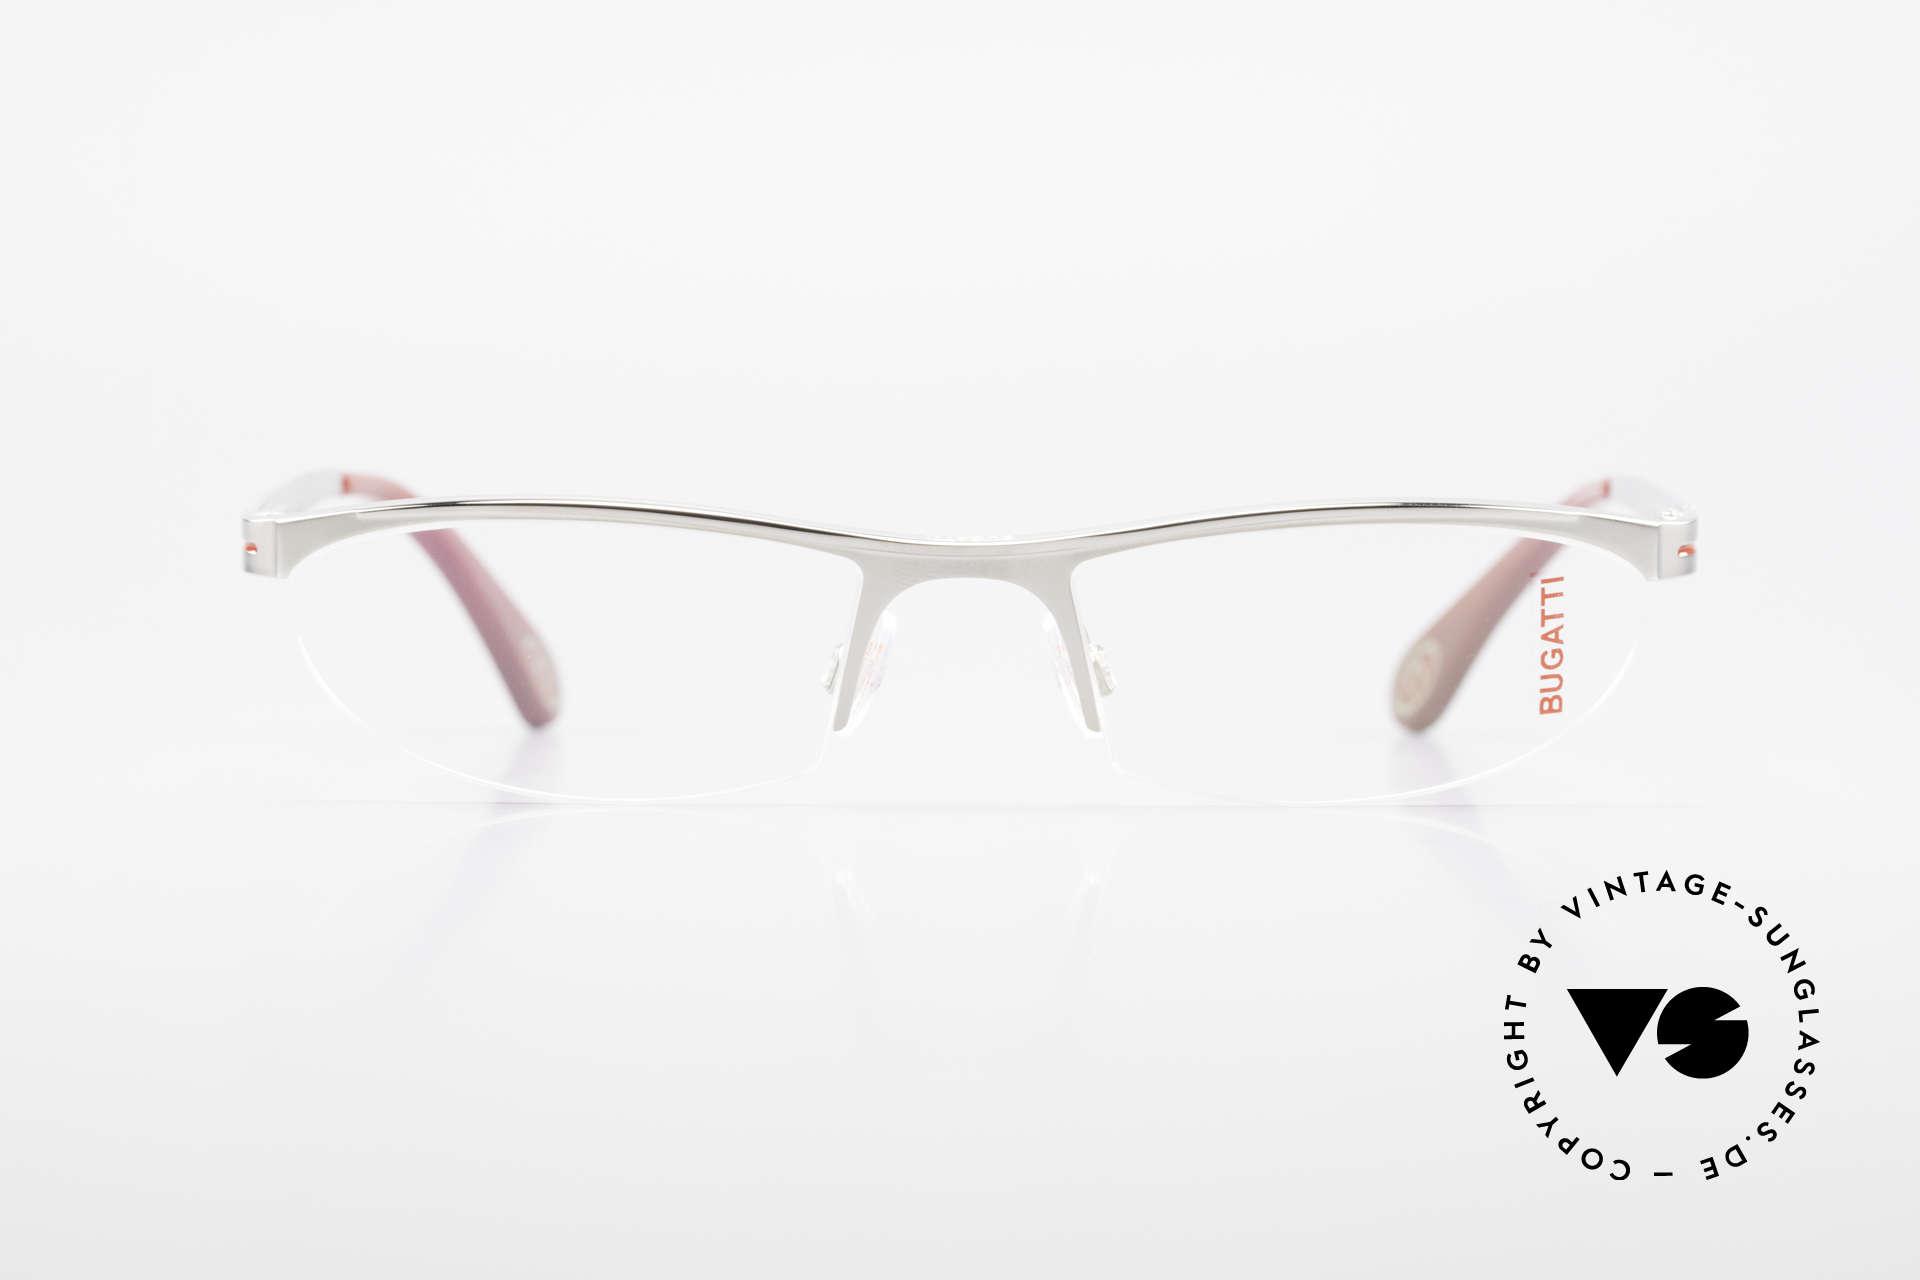 Bugatti 497 Palladium Vintage Brille Nylor, charakteristisches Design der Odotype-Serie, Passend für Herren